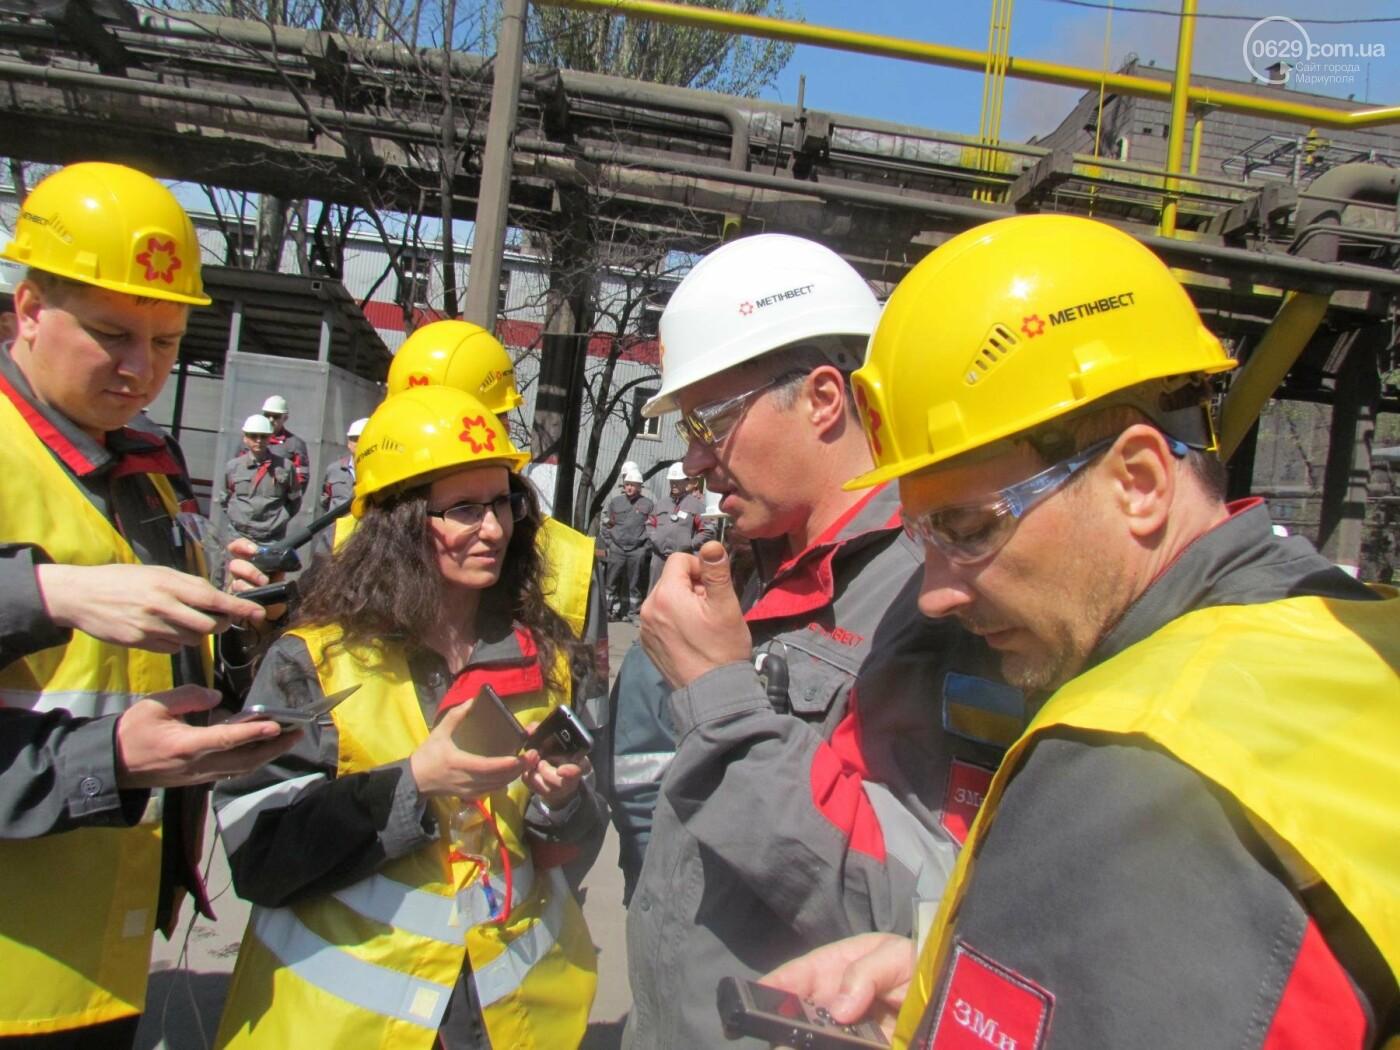 «Метинвест» запустил первый комплекс газоочистки аглофабрики, заявив о сокращении выбросов на треть (ФОТОРЕПОРТАЖ), фото-16